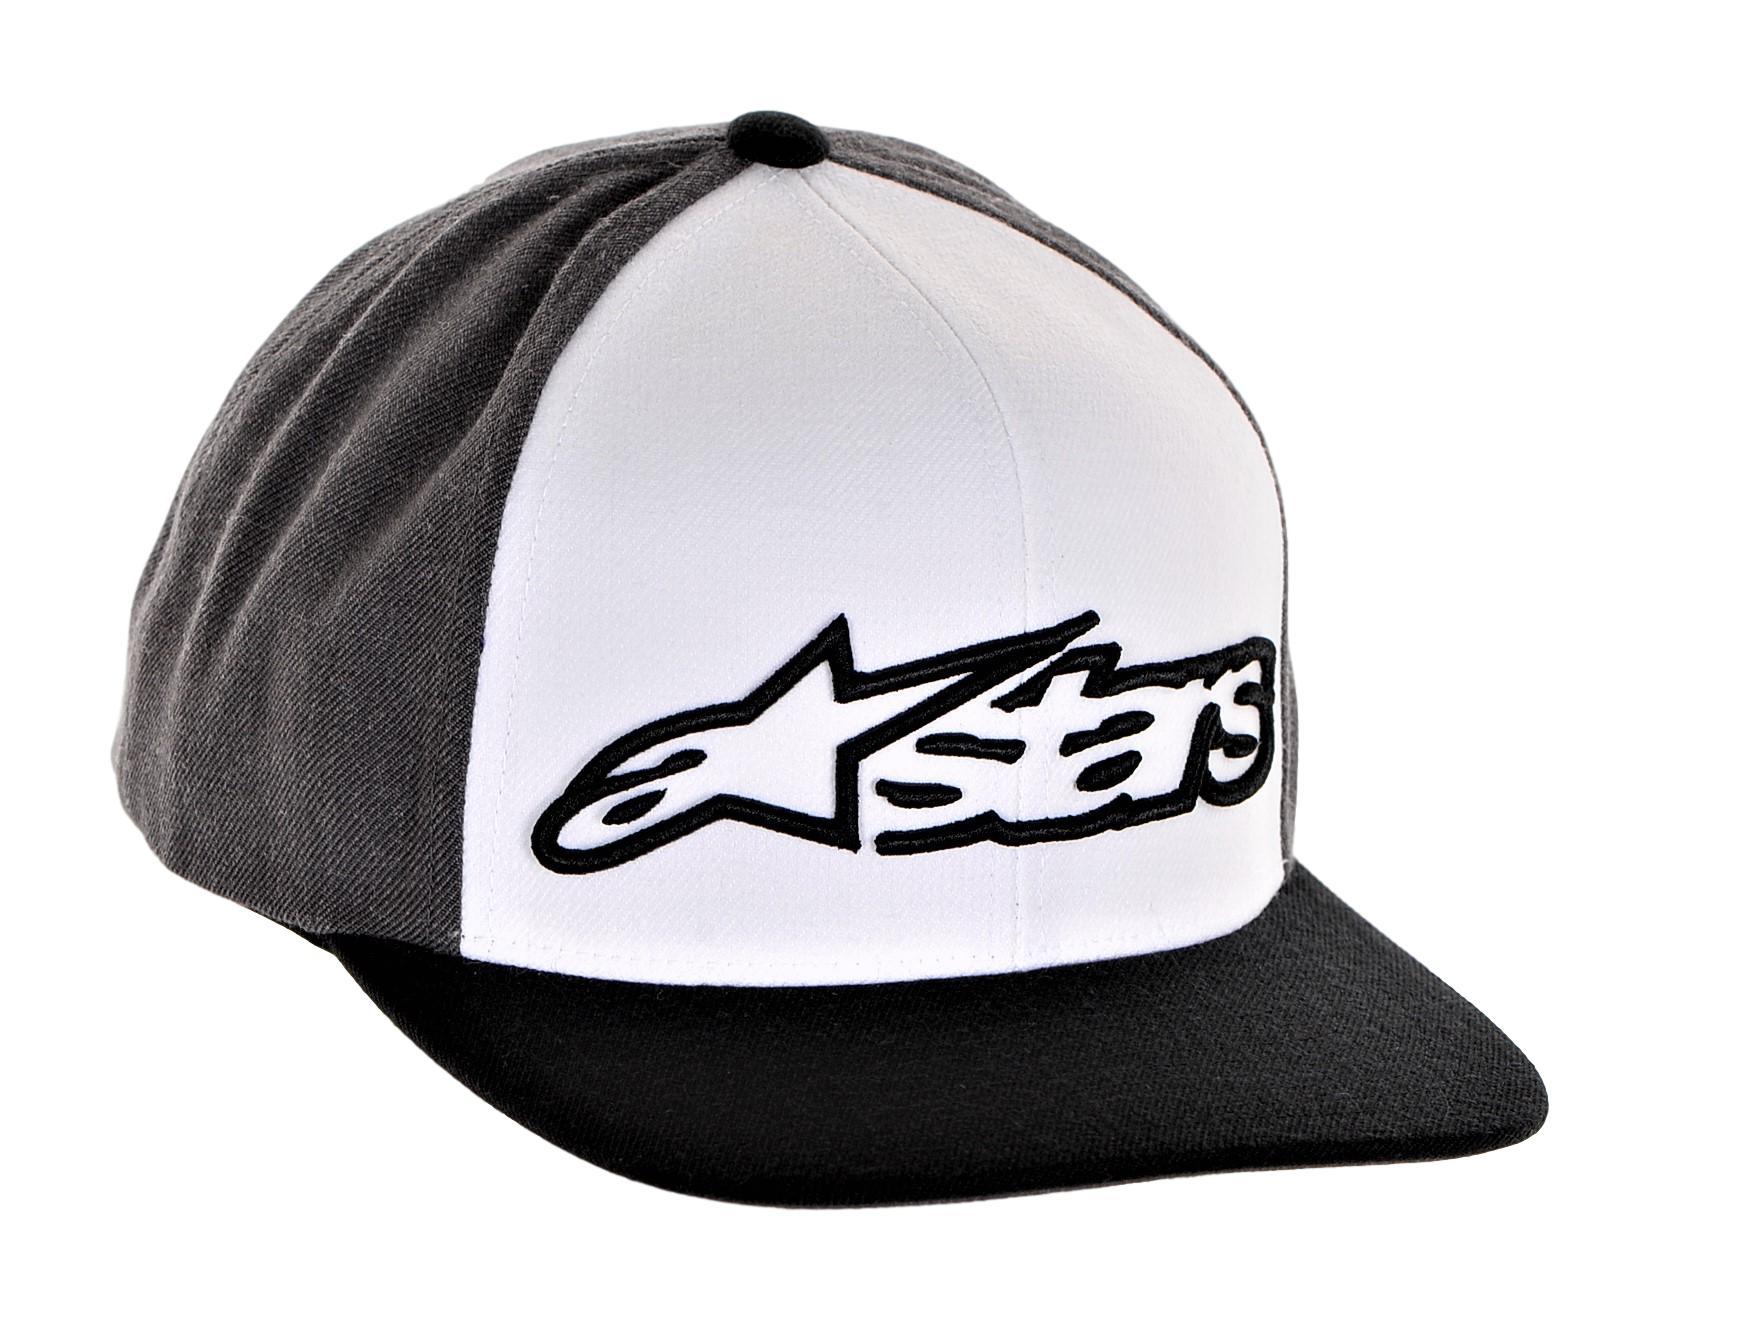 7dd6ce507d925 AlpineStars Mens Flat Bill Snap Back Hat One Size